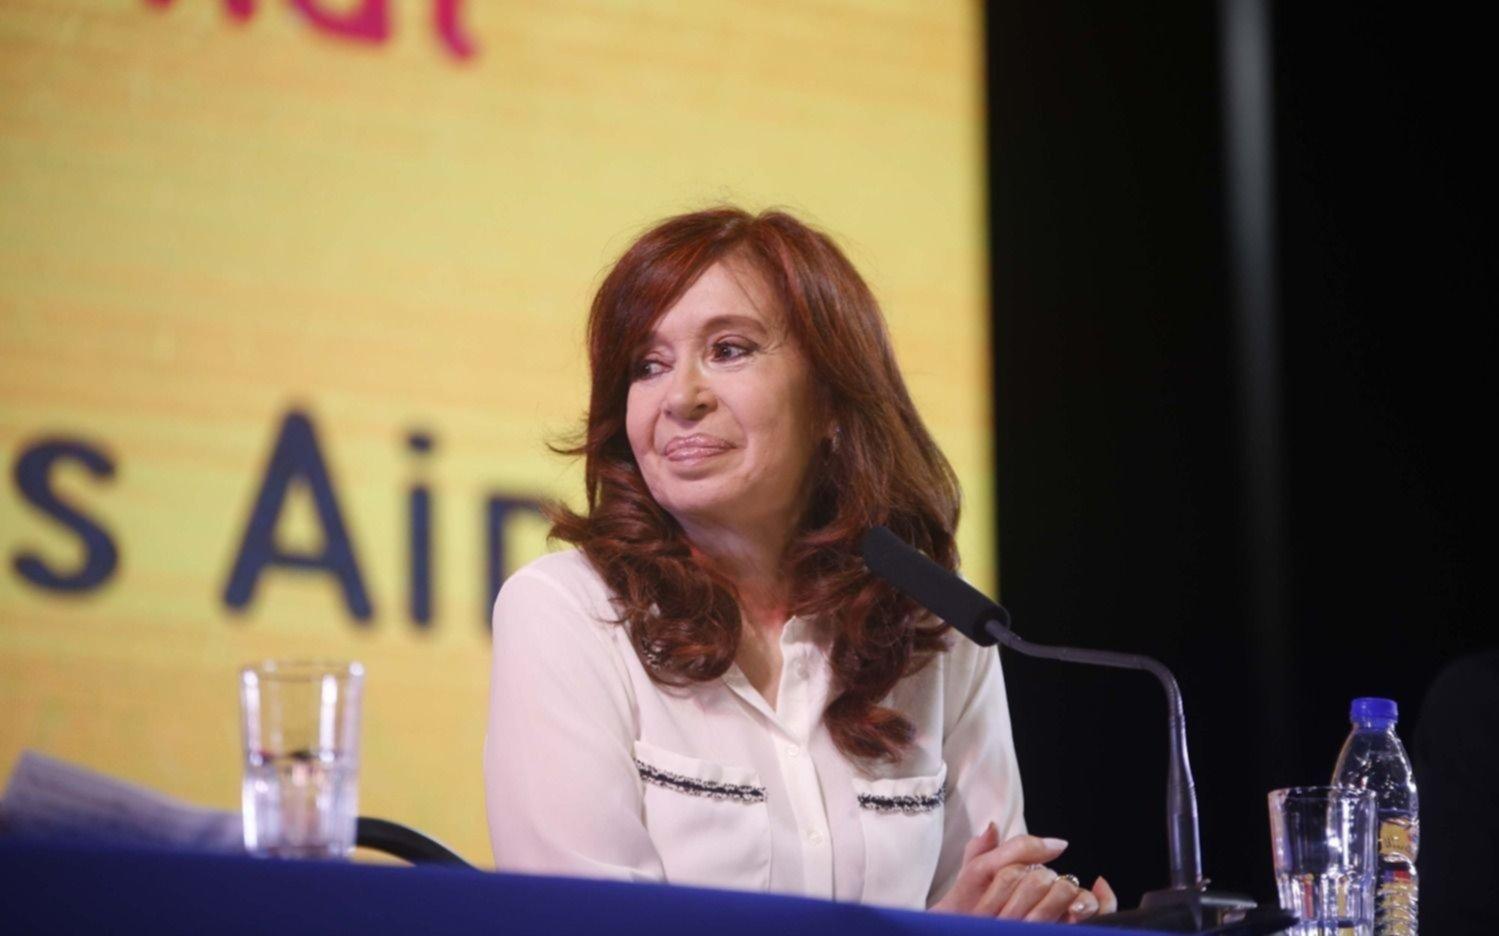 Sorpresa, proyecciones y temores en la Gobernación tras el anuncio de Cristina